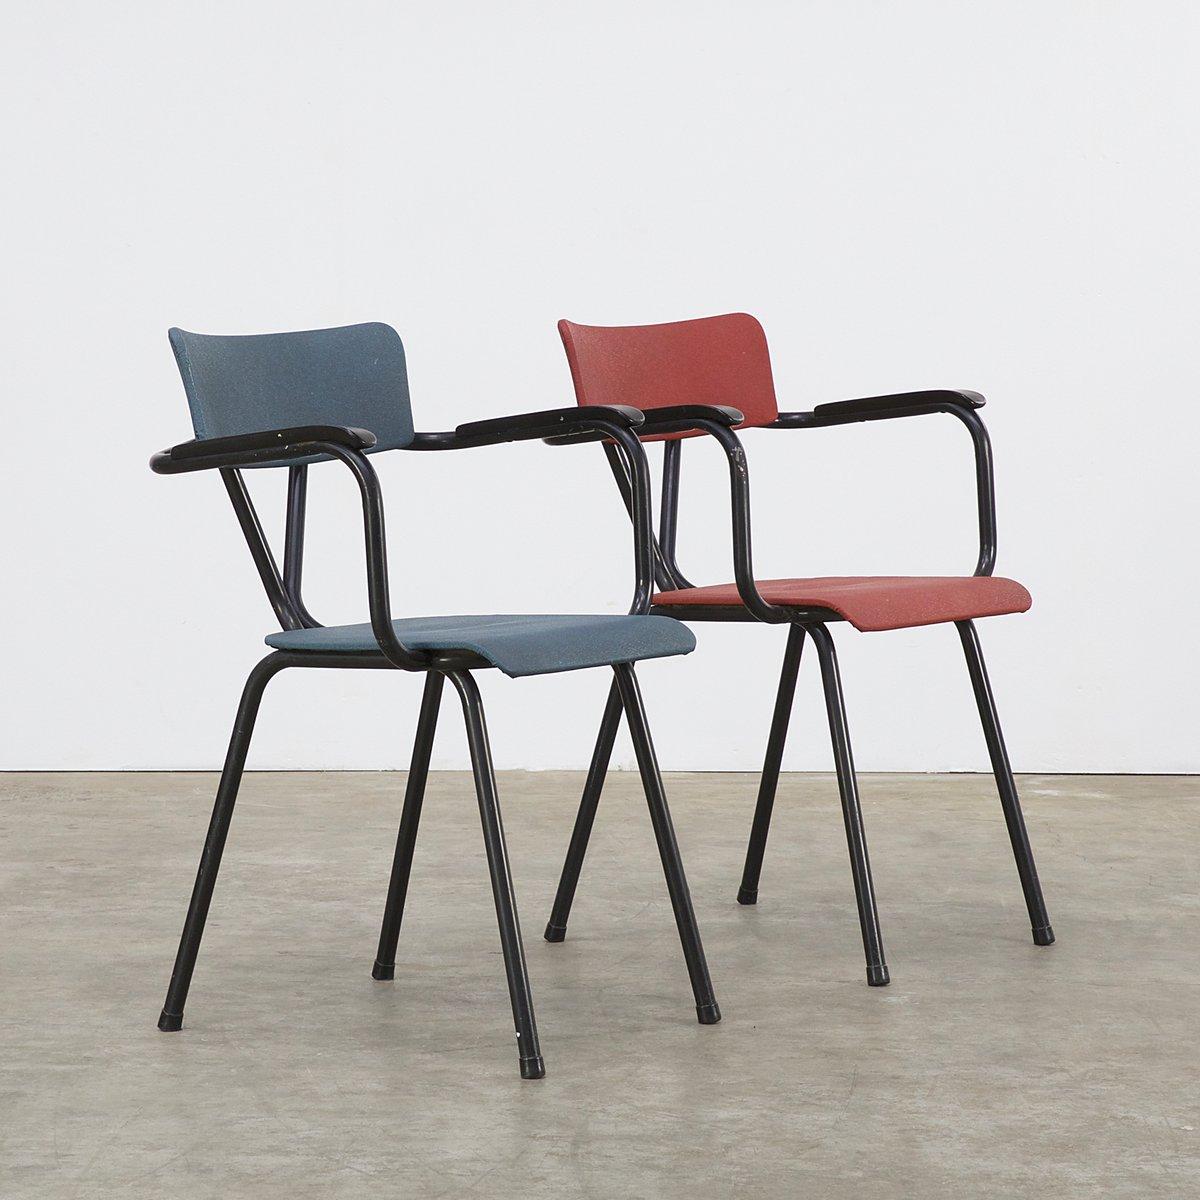 sedie da ufficio rosse e blu, anni '50, set di 2 in vendita su pamono - Sedie Da Ufficio Rosse